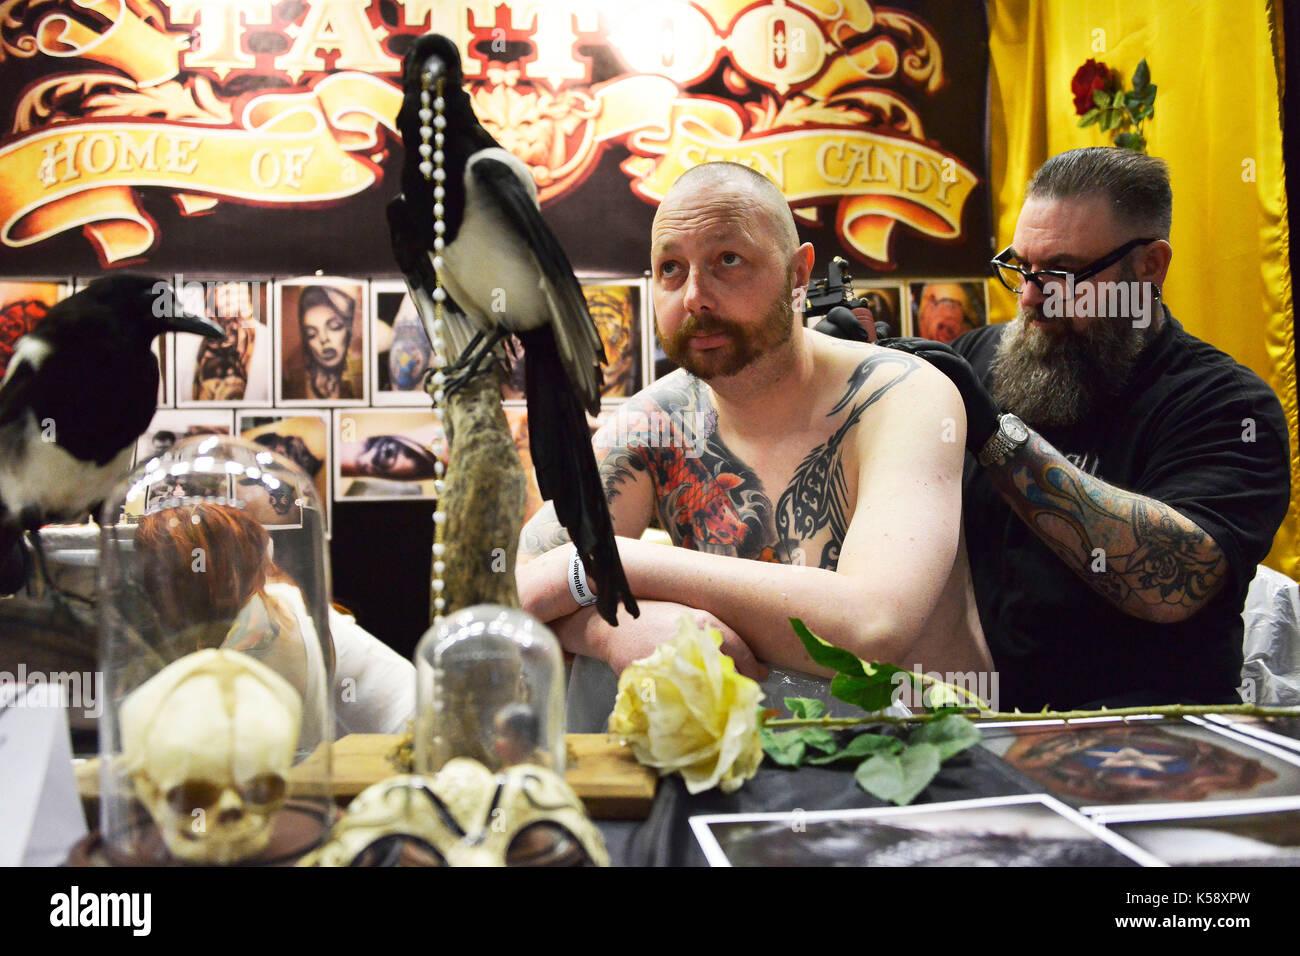 Tattoo Convention am Brighton Centre, Tausende der Konvent teilgenommen, wo einige der bekanntesten Künstler ihre Arbeiten wir. Kredit Terry Stockbild